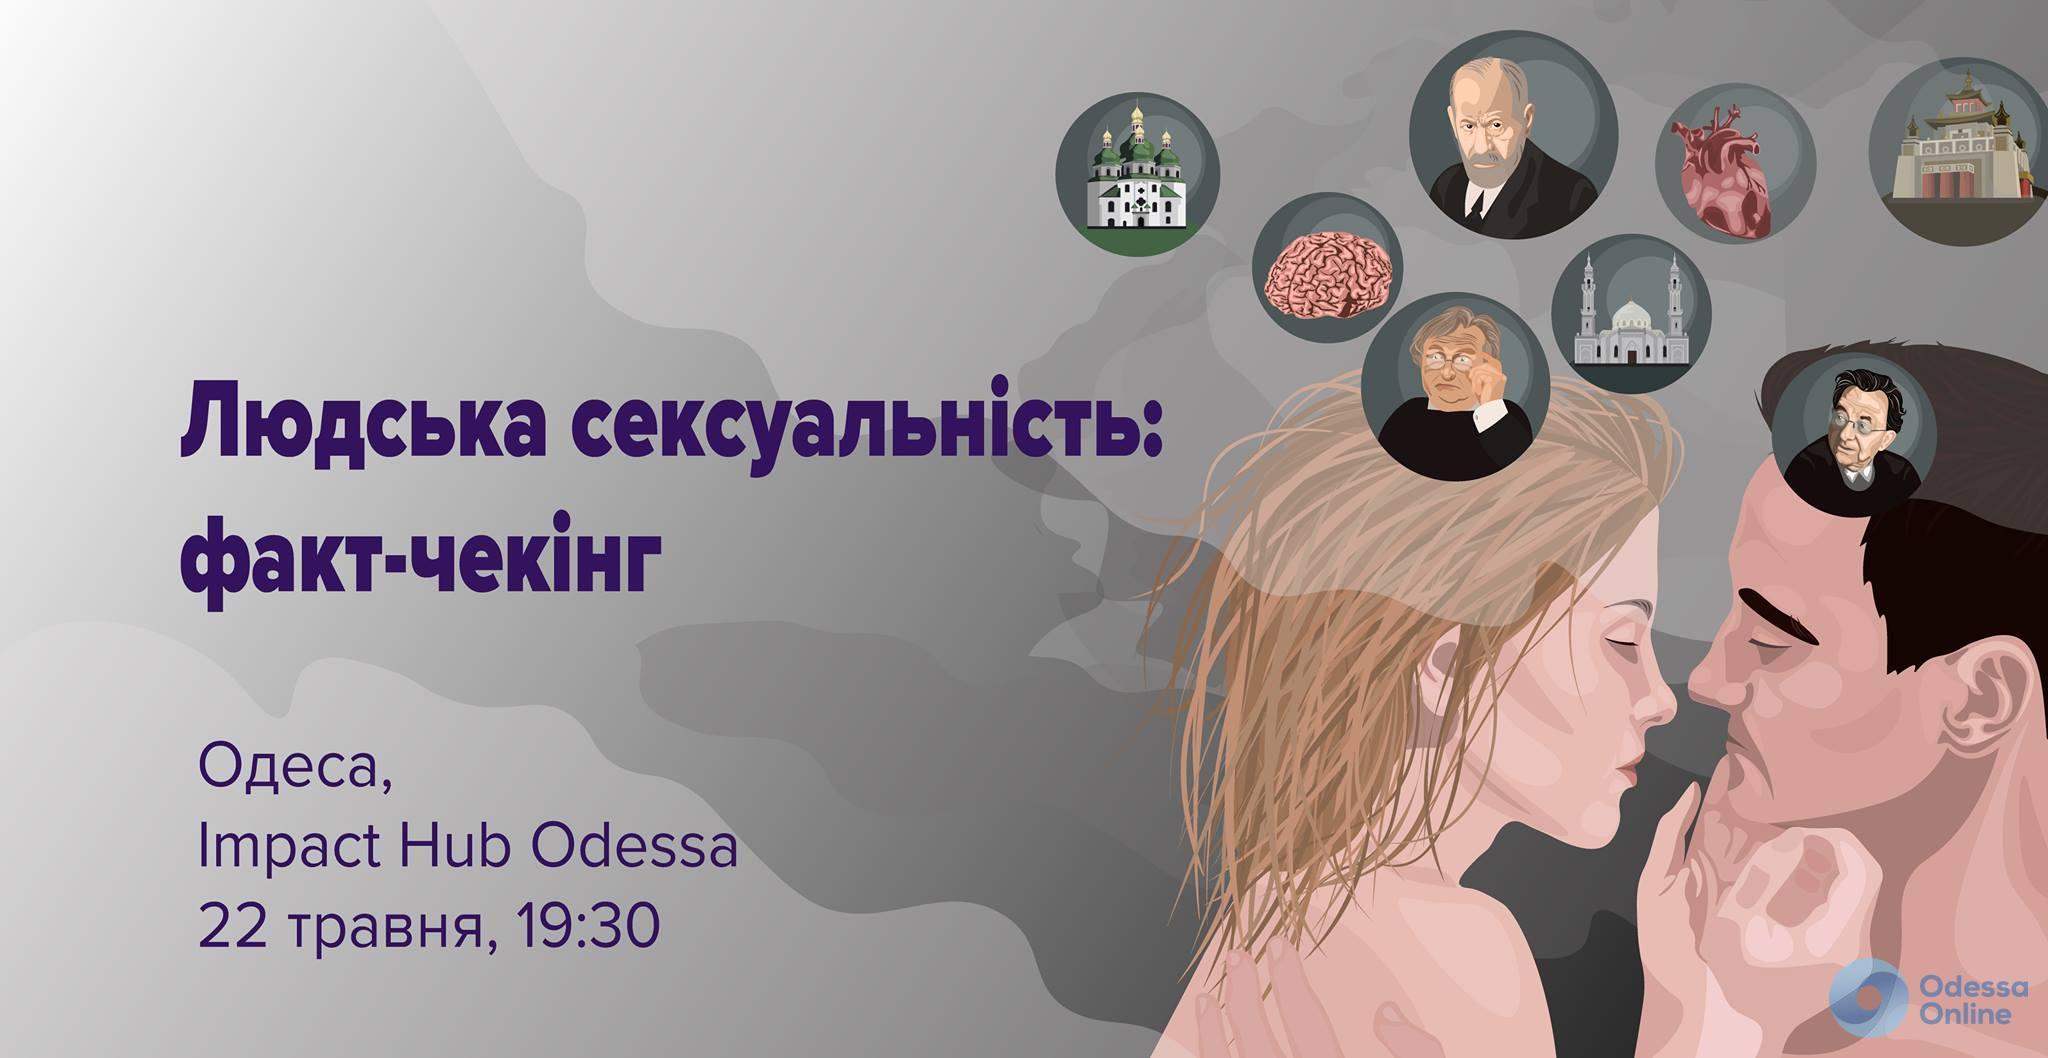 В Одессе радикалы сорвали лекцию о сексуальности